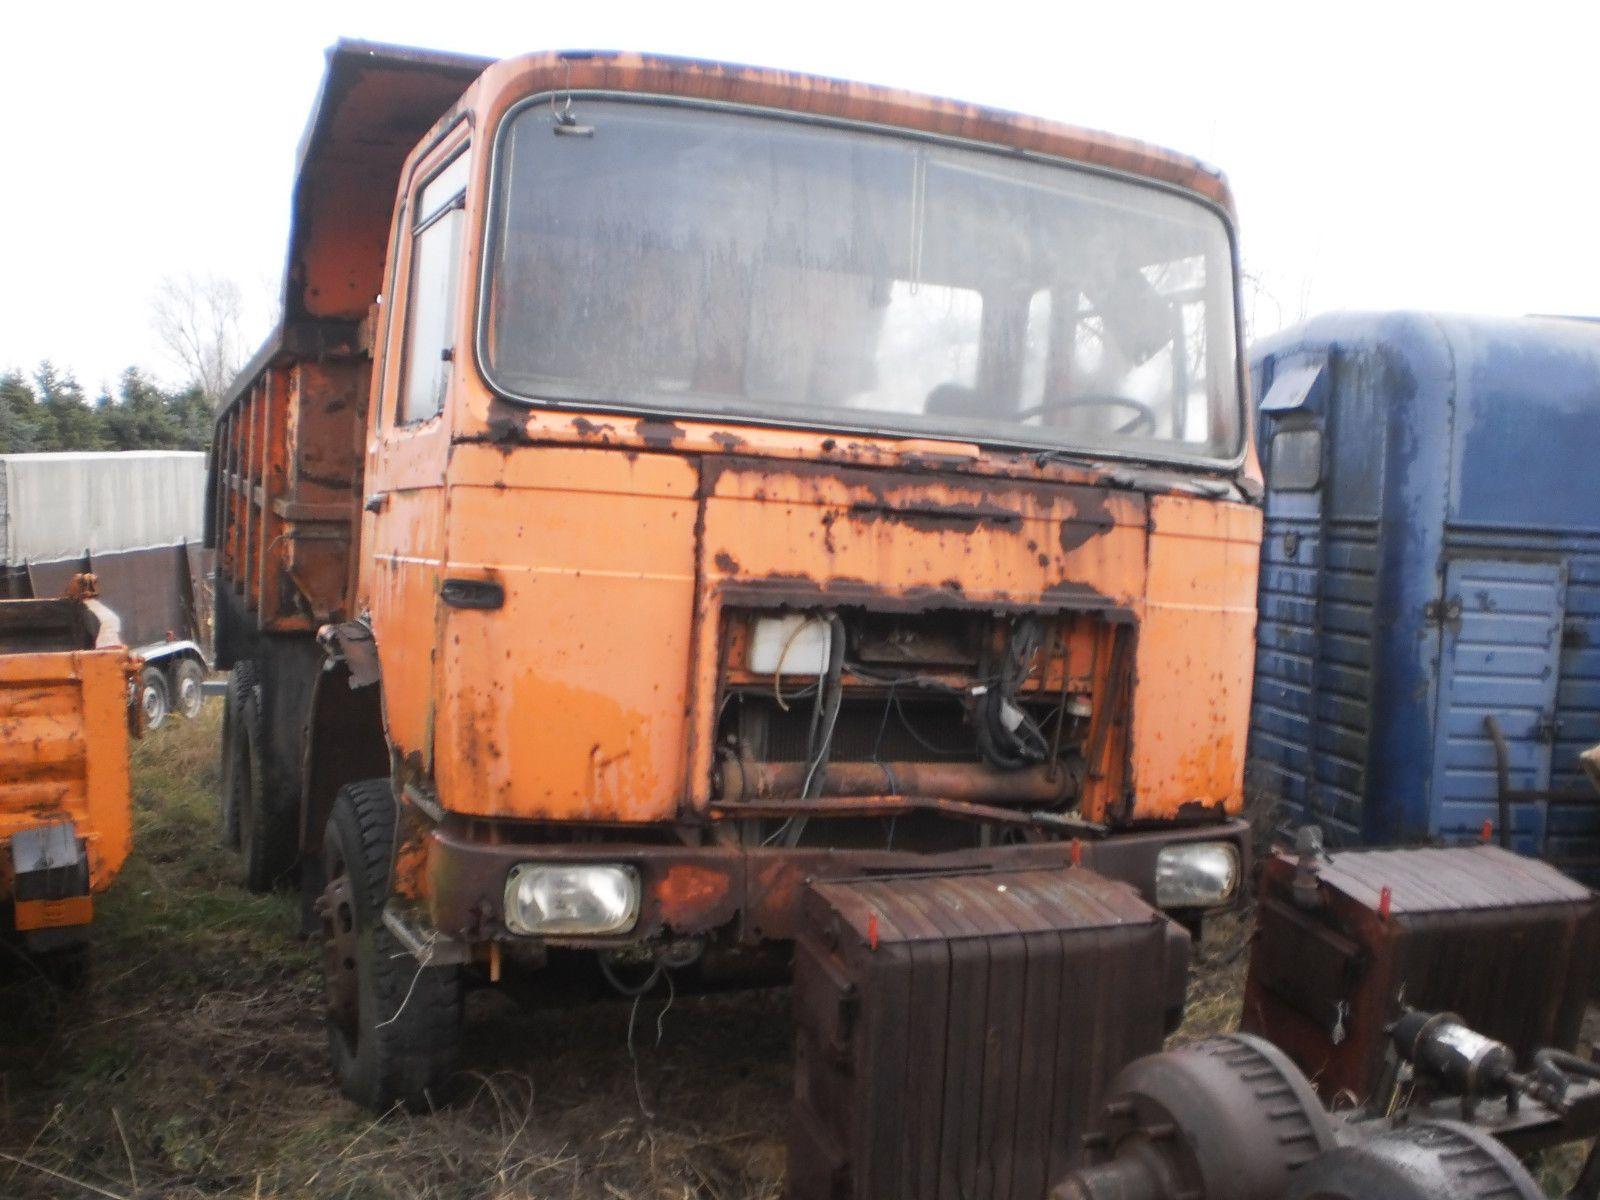 MAN ROMAN 19.215 Oldtimer H-Kennzeichen Scheunenfund Traktorpulling 6X4